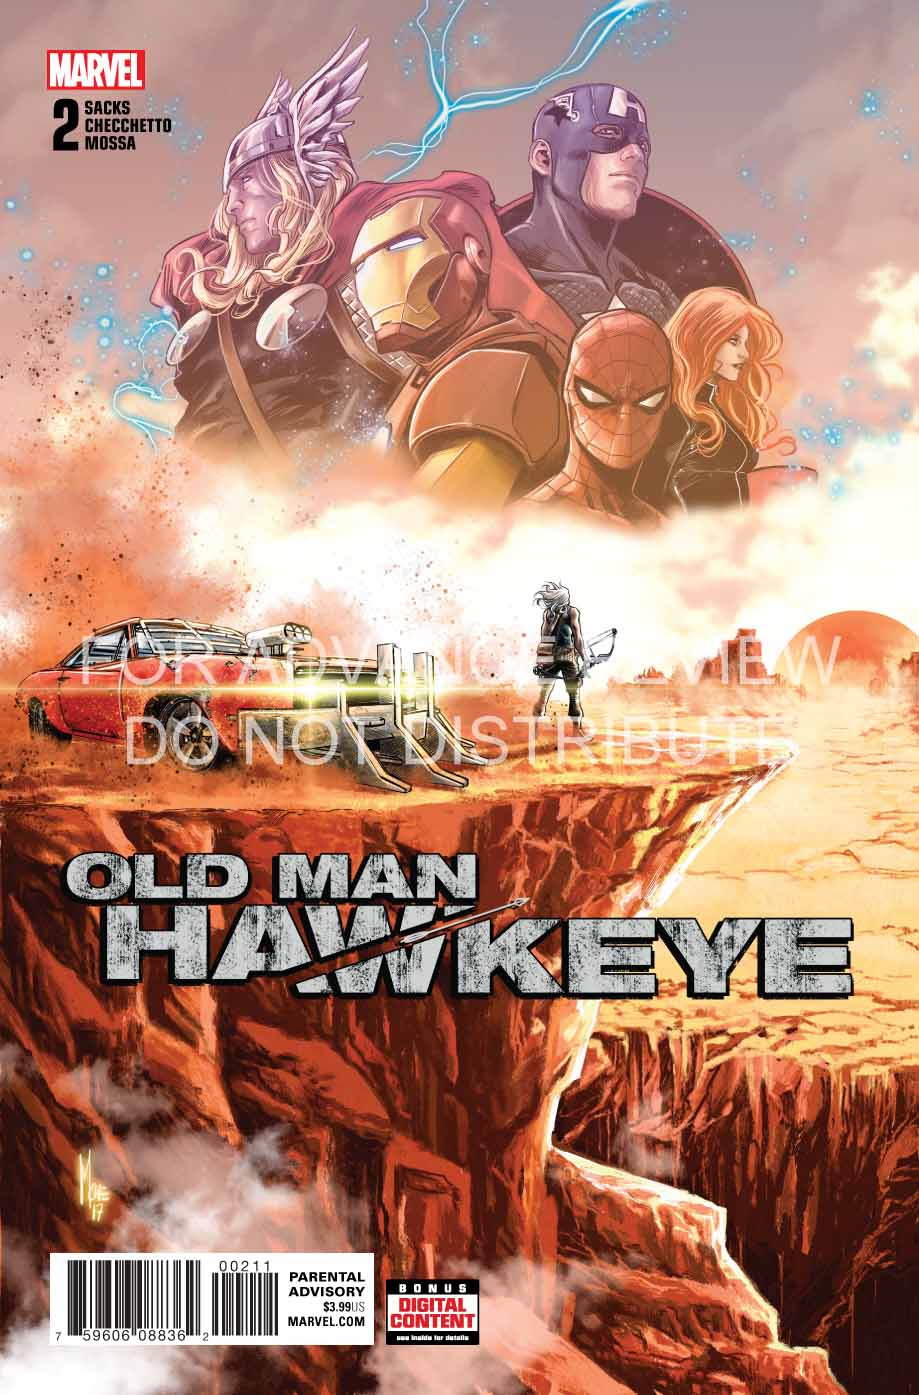 oldmanhawkeye2a